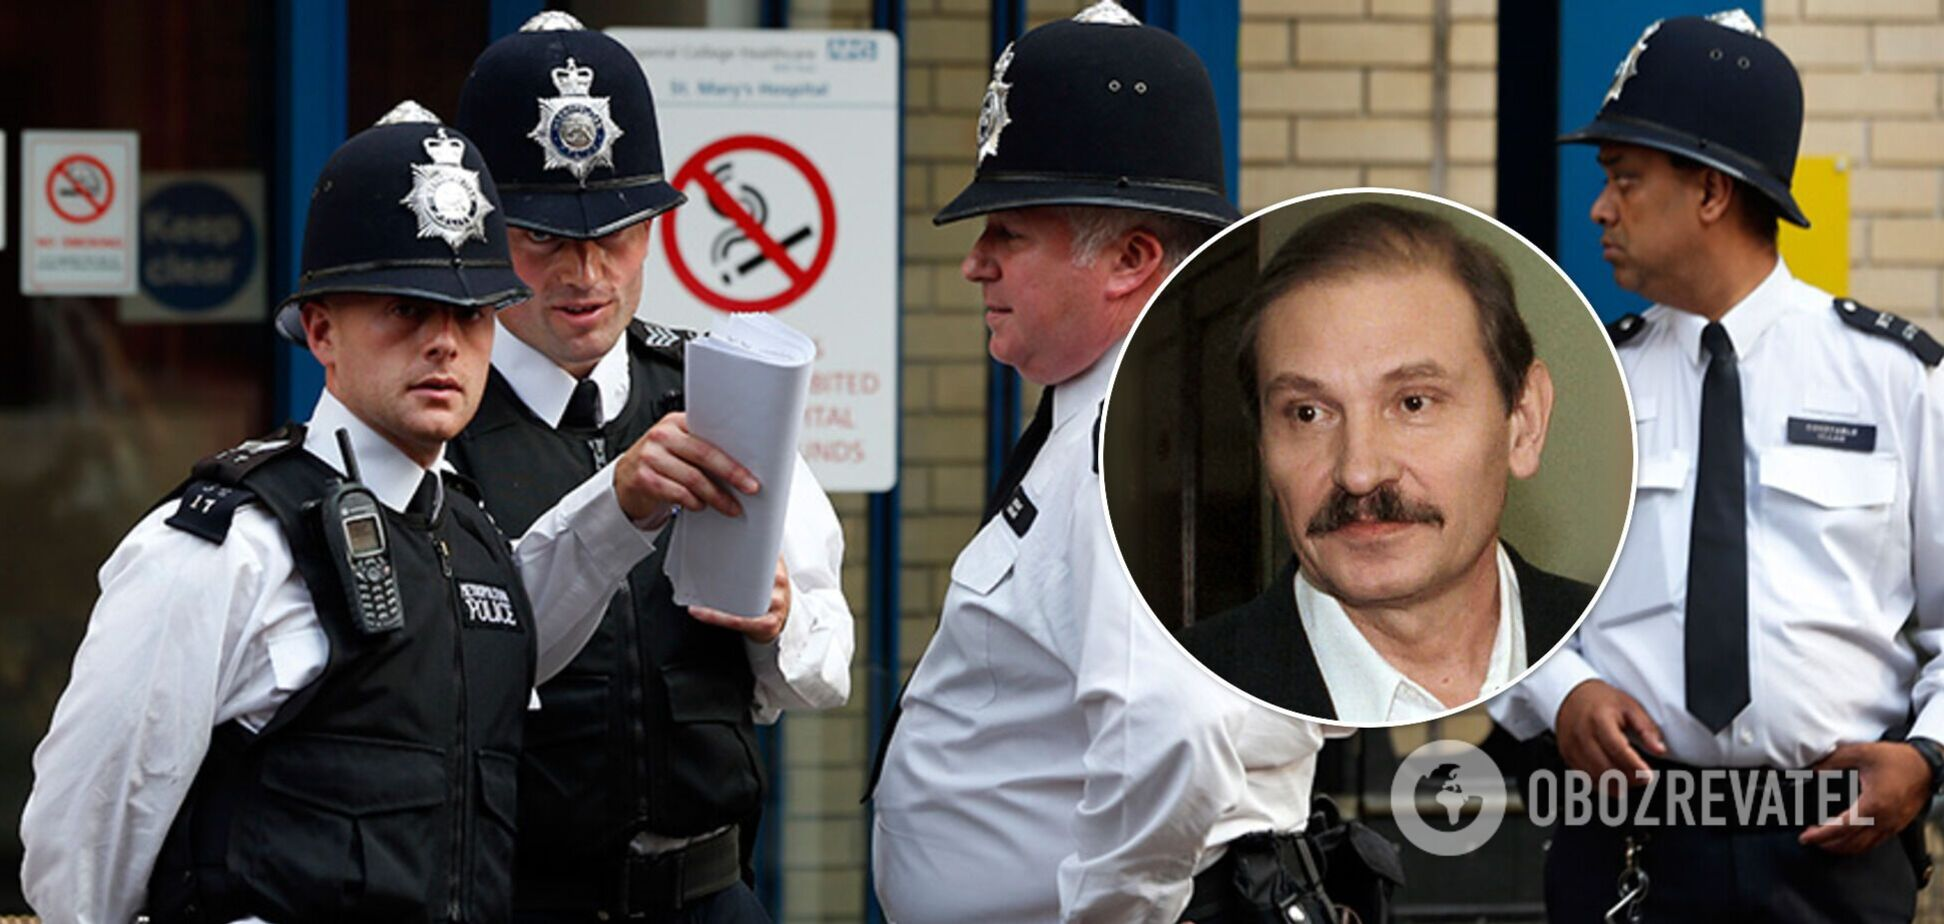 Слідство оприлюднило висновки про загадкове 'самогубство' соратника Березовського в Лондоні